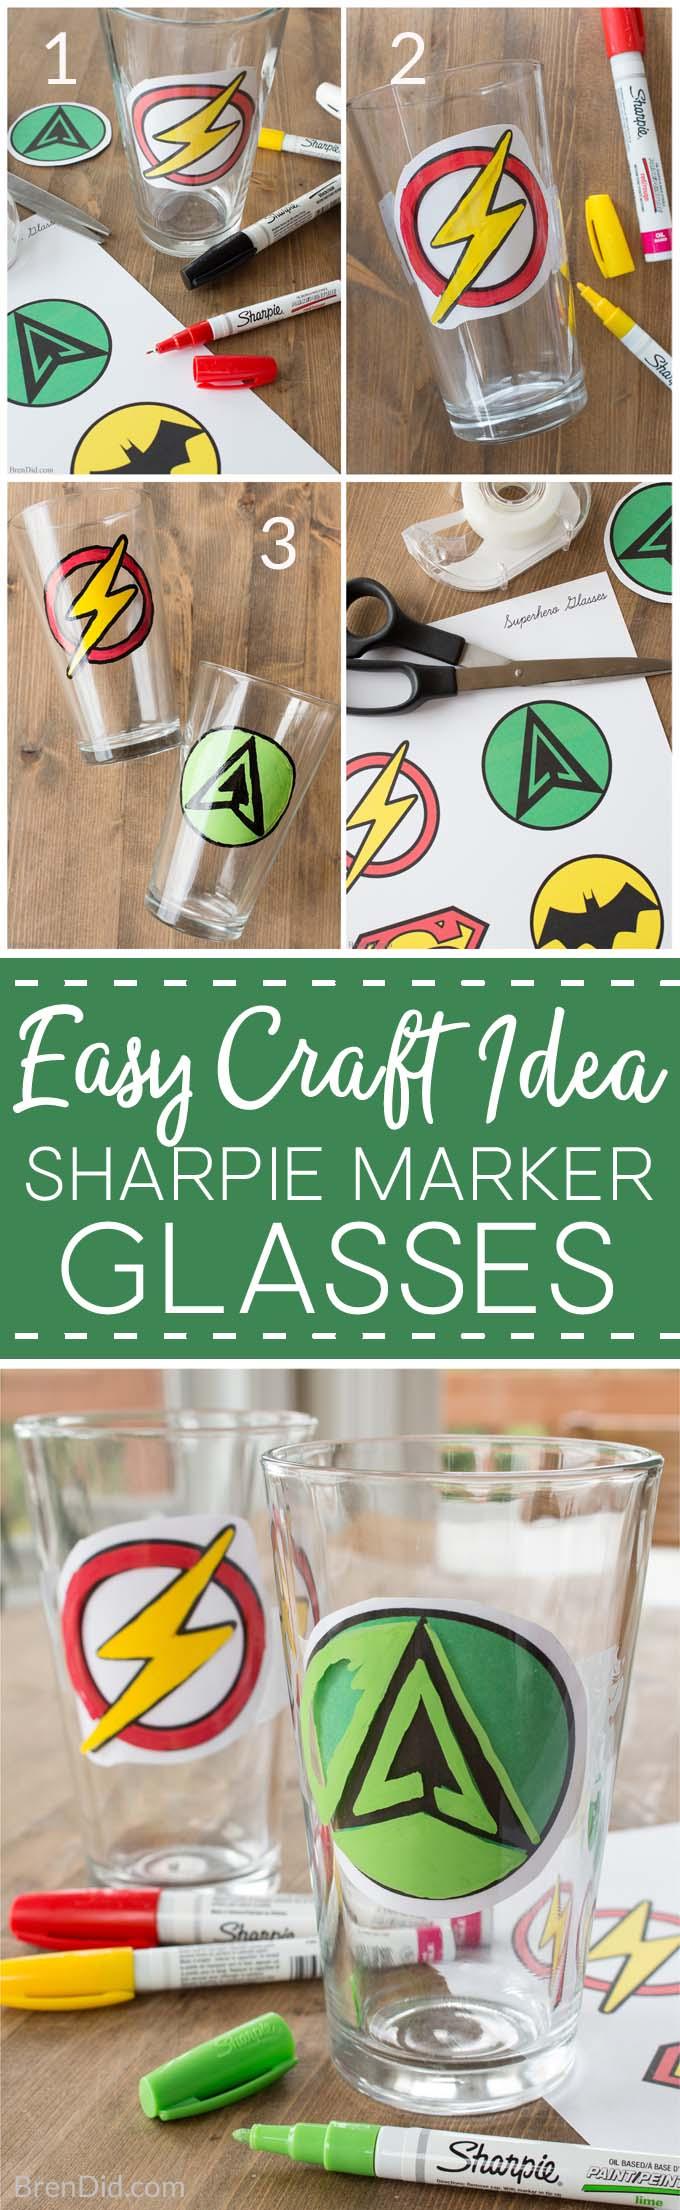 How to Make Custom DIY Sharpie Glasses, Sharpie glass diy, sharpie glassware, how to draw on glass with sharpie, sharpie art, sharpie crafts, superhero craft